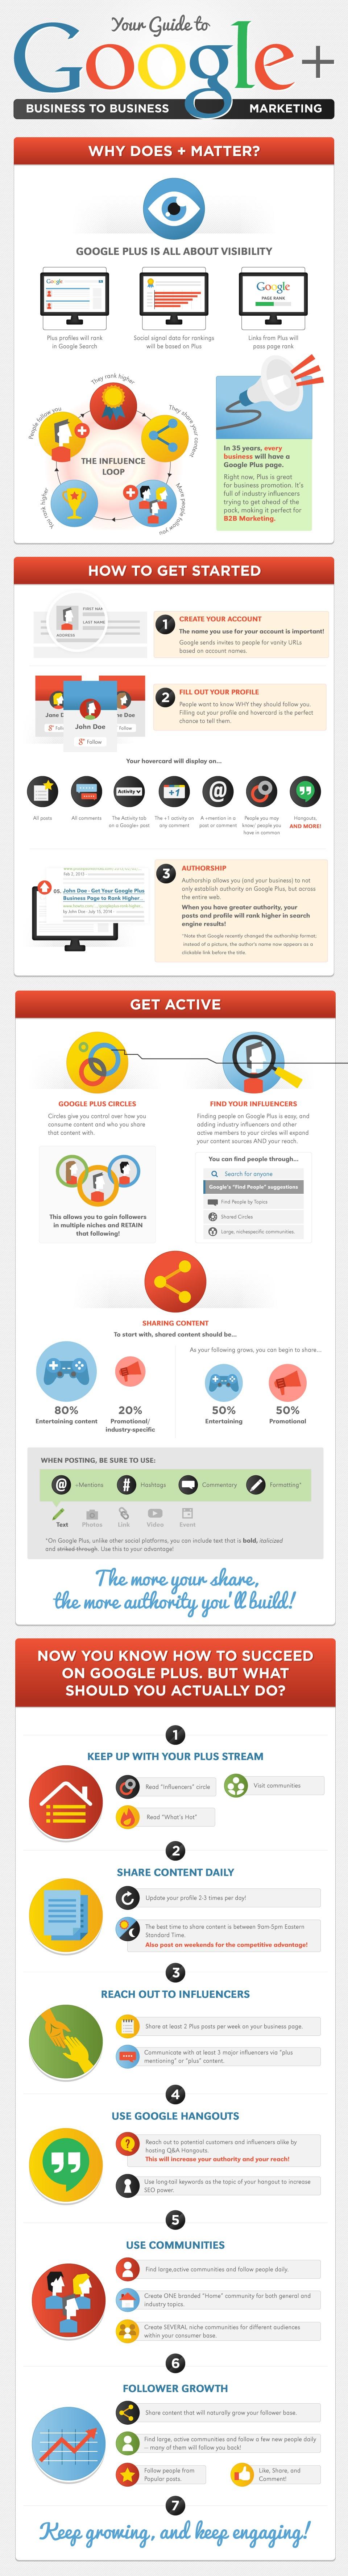 Google Plus for Inbound Marketing